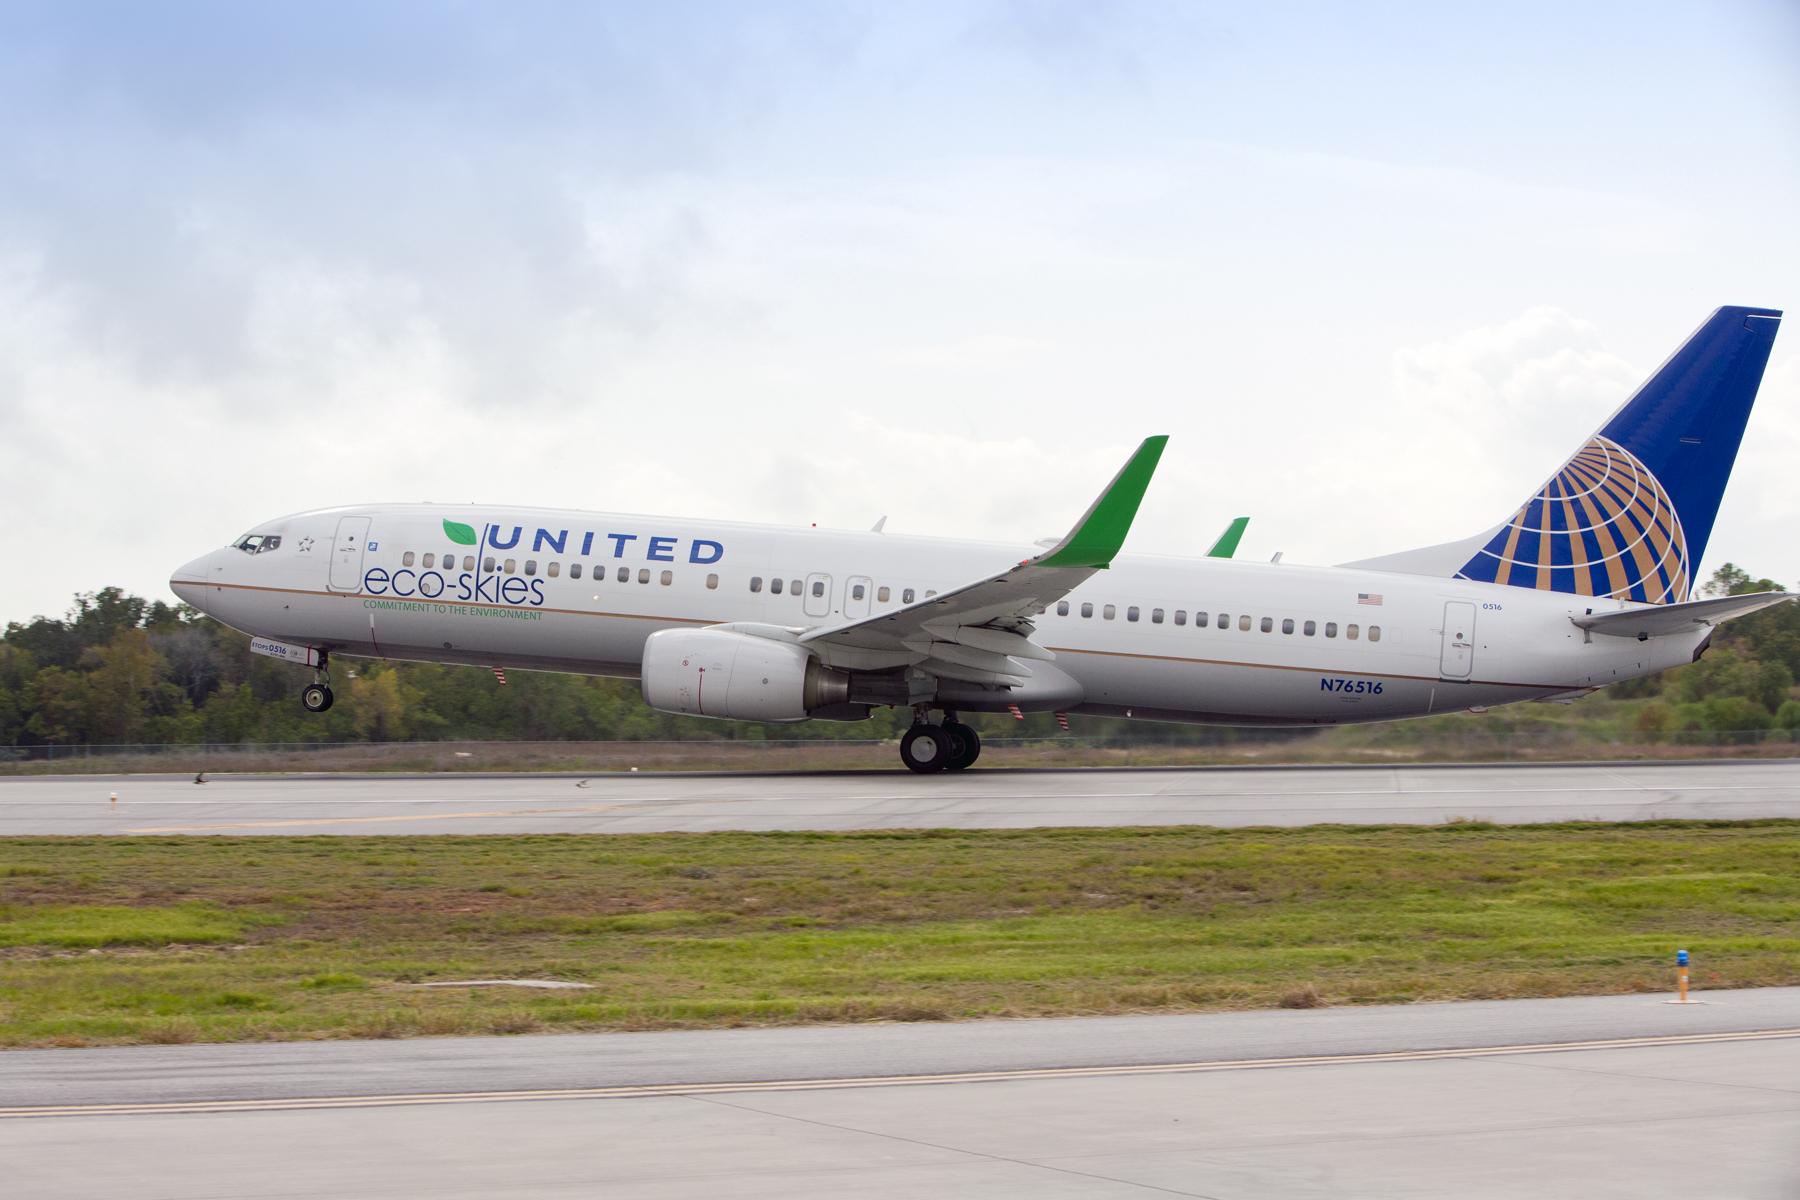 United Airlines recibe reconocimiento por  logros sobresalientes en sostenibilidad